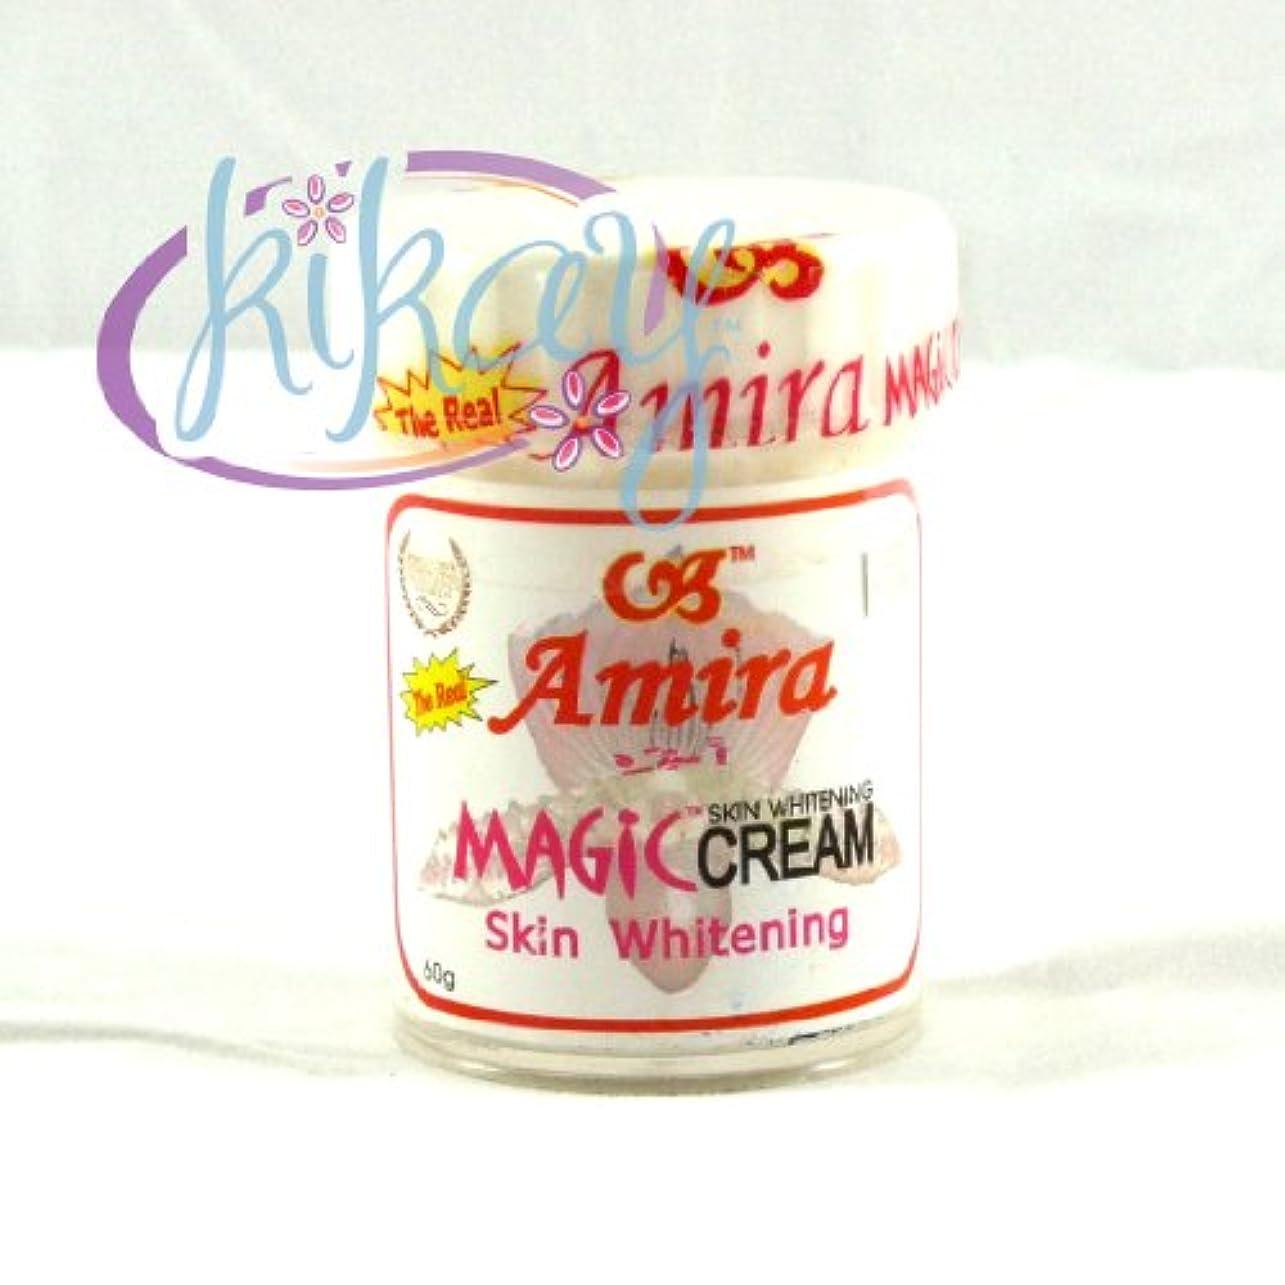 回想キャプション知らせるAMIRA THE REAL MAGIC CREAM【SKIN WHITENING CREAM 60g】PHILIPPINES〈スキン ホワイトニング クリーム〉フィリピン